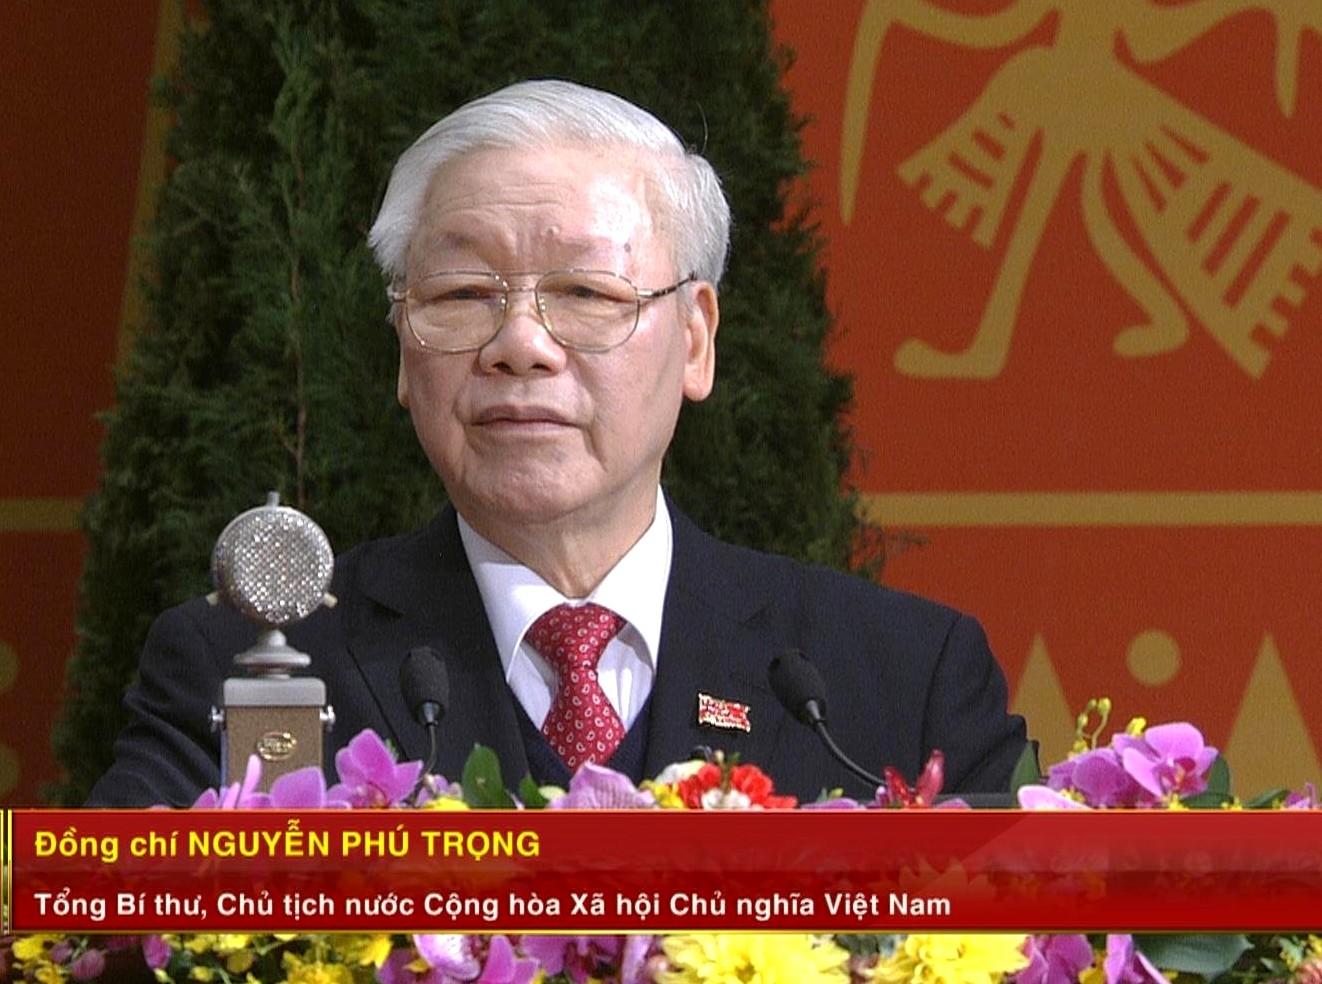 Tổng Bí thư, Chủ tịch nước Nguyễn Phú Trọng phát biểu bế mạc Đại hội.